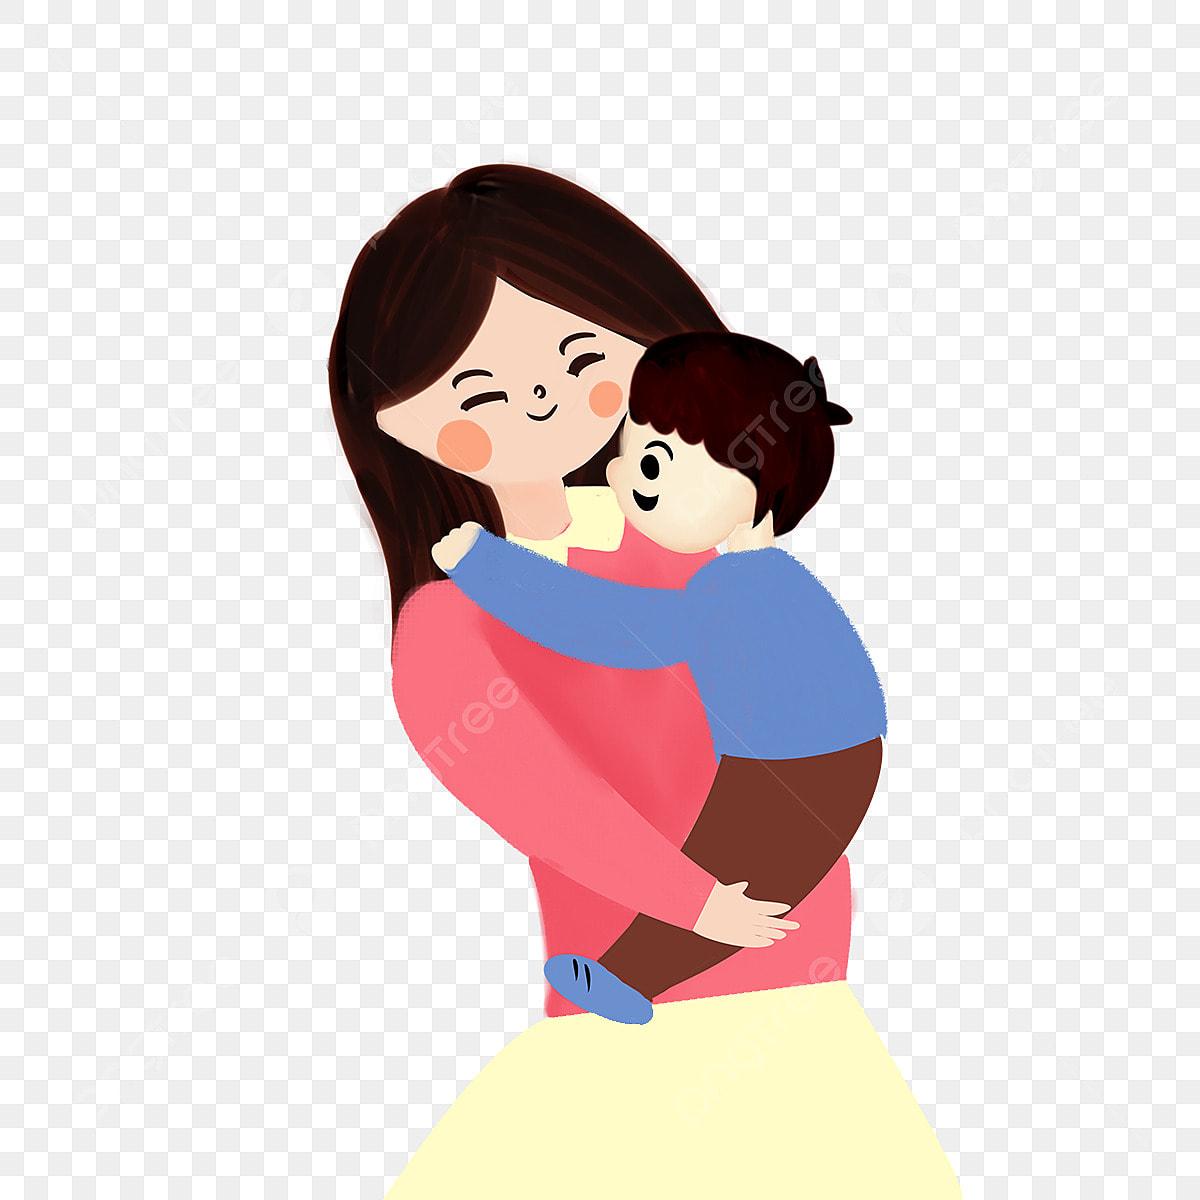 Gambar Kartun Warna Tangan Dicat Bayi Ibu Bapa Bahan Kreatif Kartun Warna Tangan Dicat Png Dan Psd Untuk Muat Turun Percuma